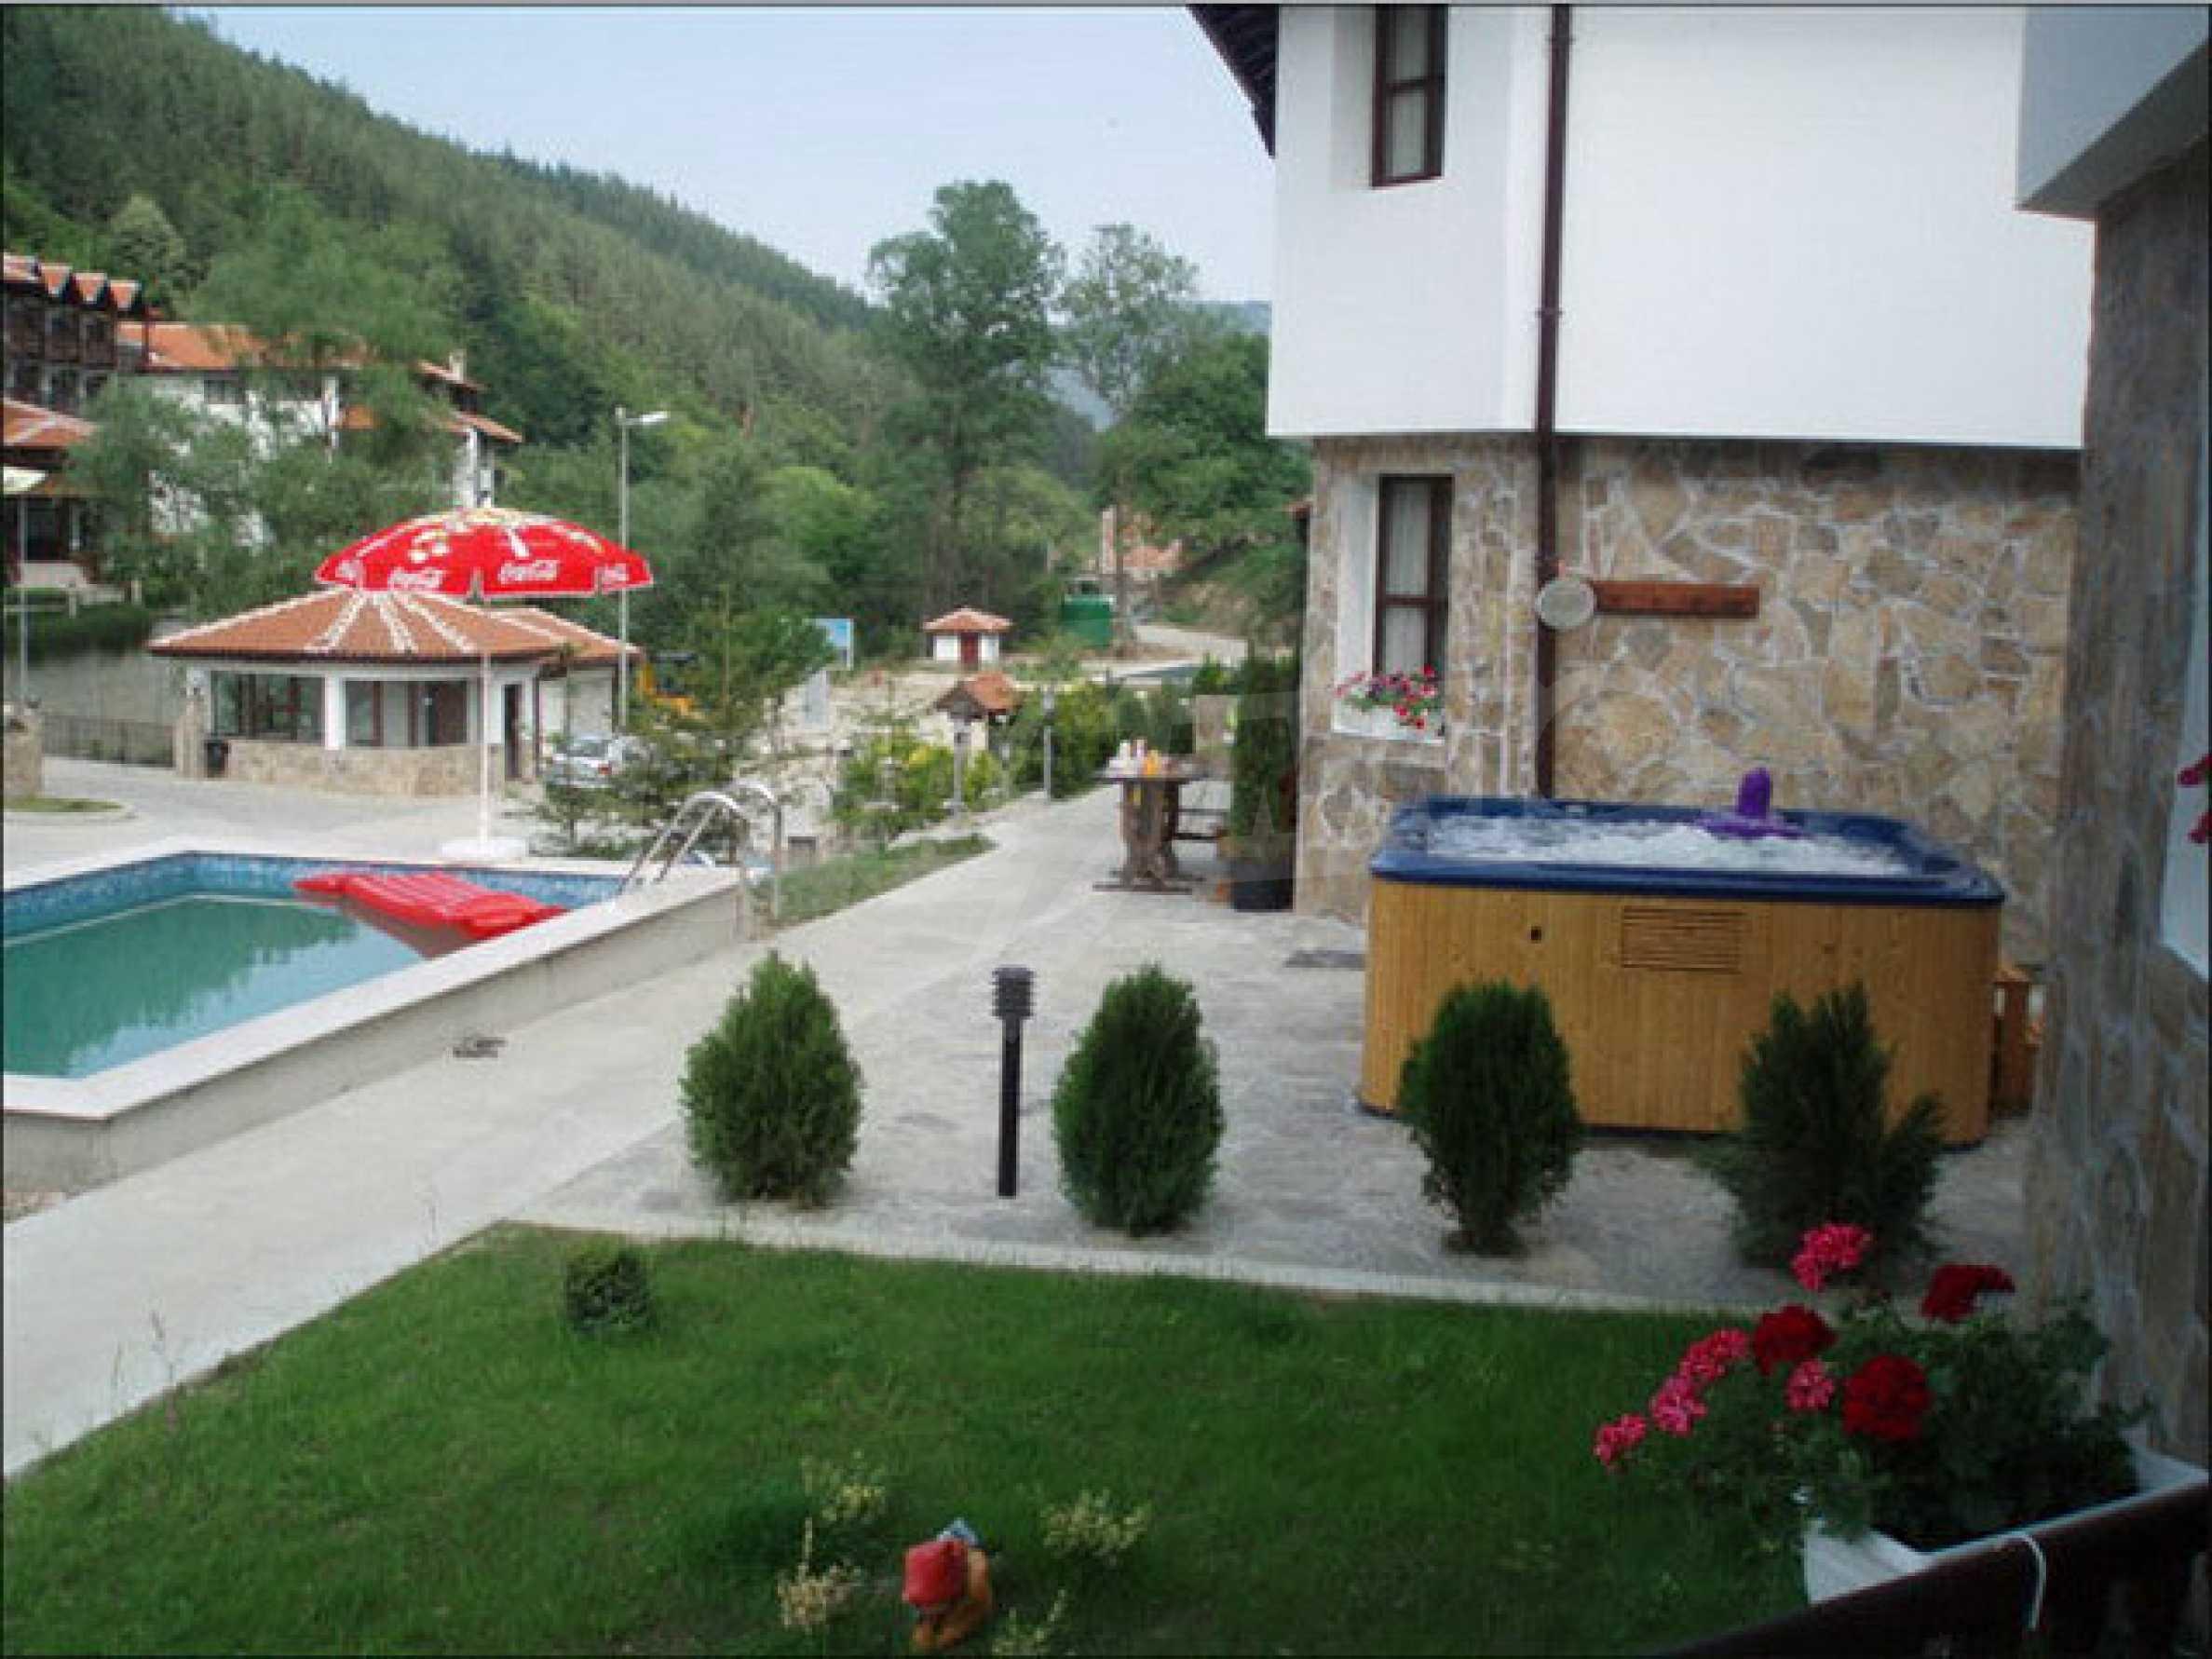 Два гостевых дома в престижном районе с горячими минеральными источниками вблизи  города Троян 2